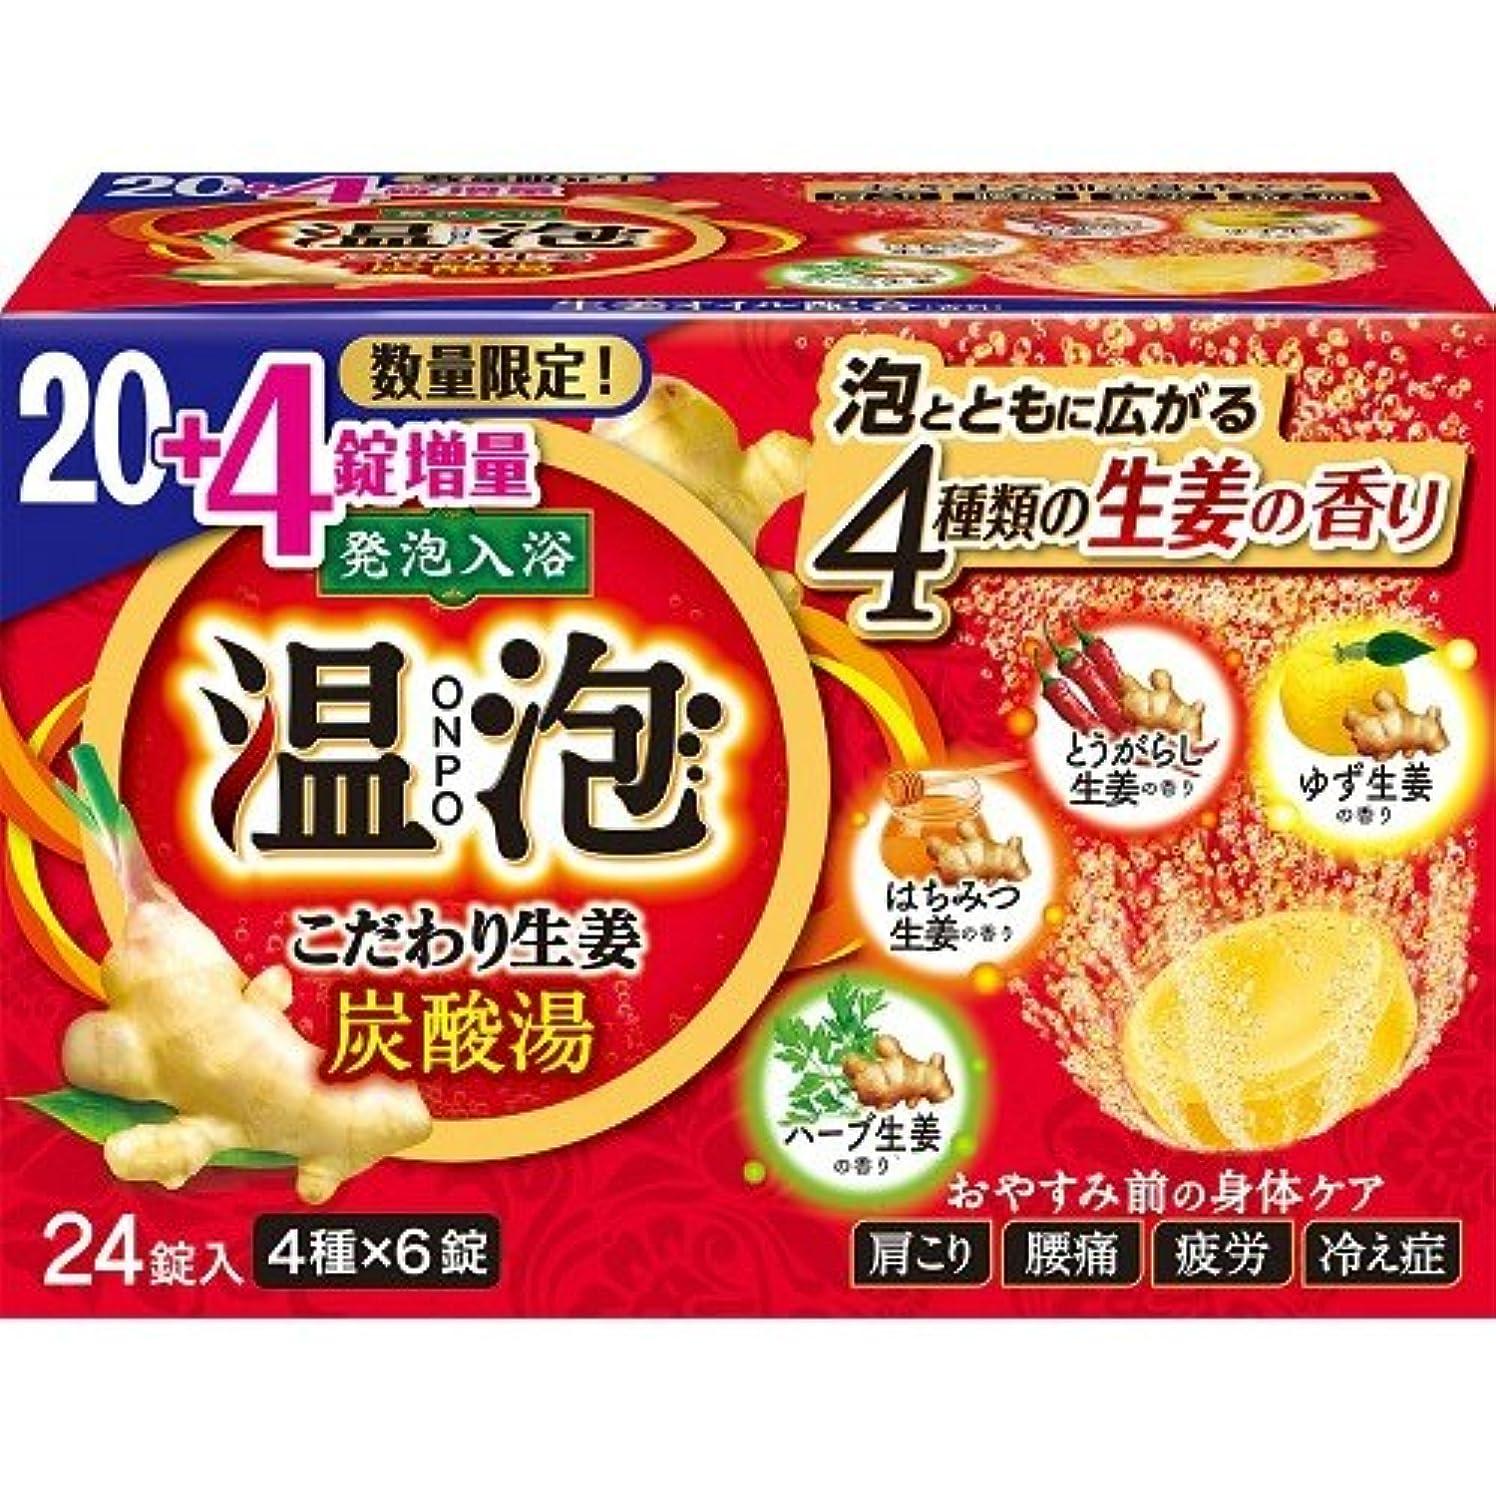 不適感染する連続した温泡こだわり生姜炭酸湯24錠